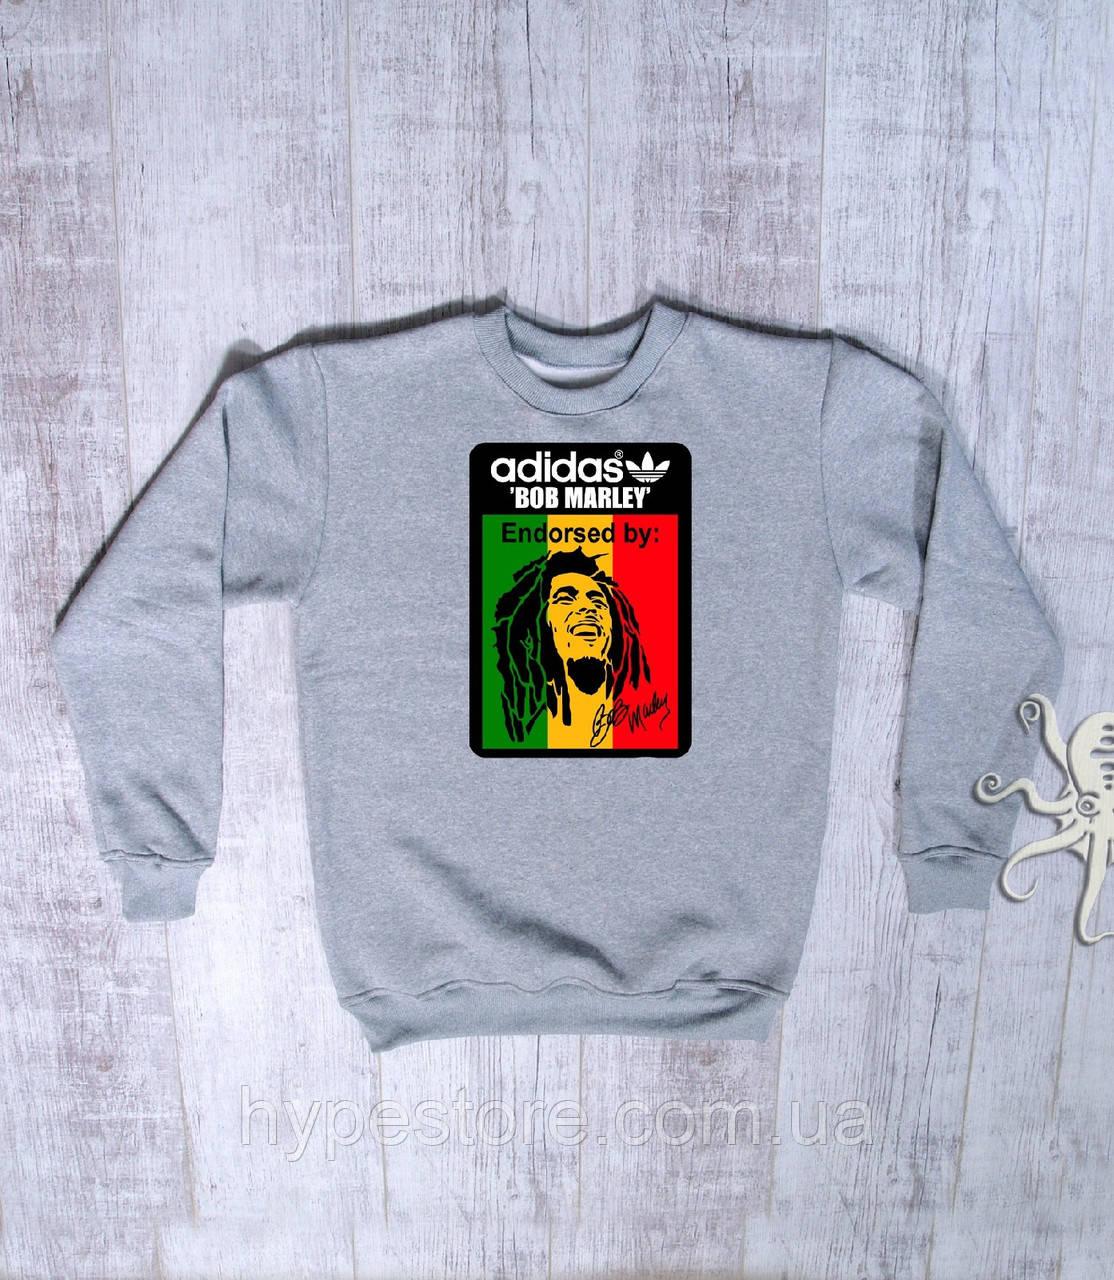 Мужской спортивный серый свитшот, кофта, лонгслив, реглан Adidas Bob Marley, Реплика